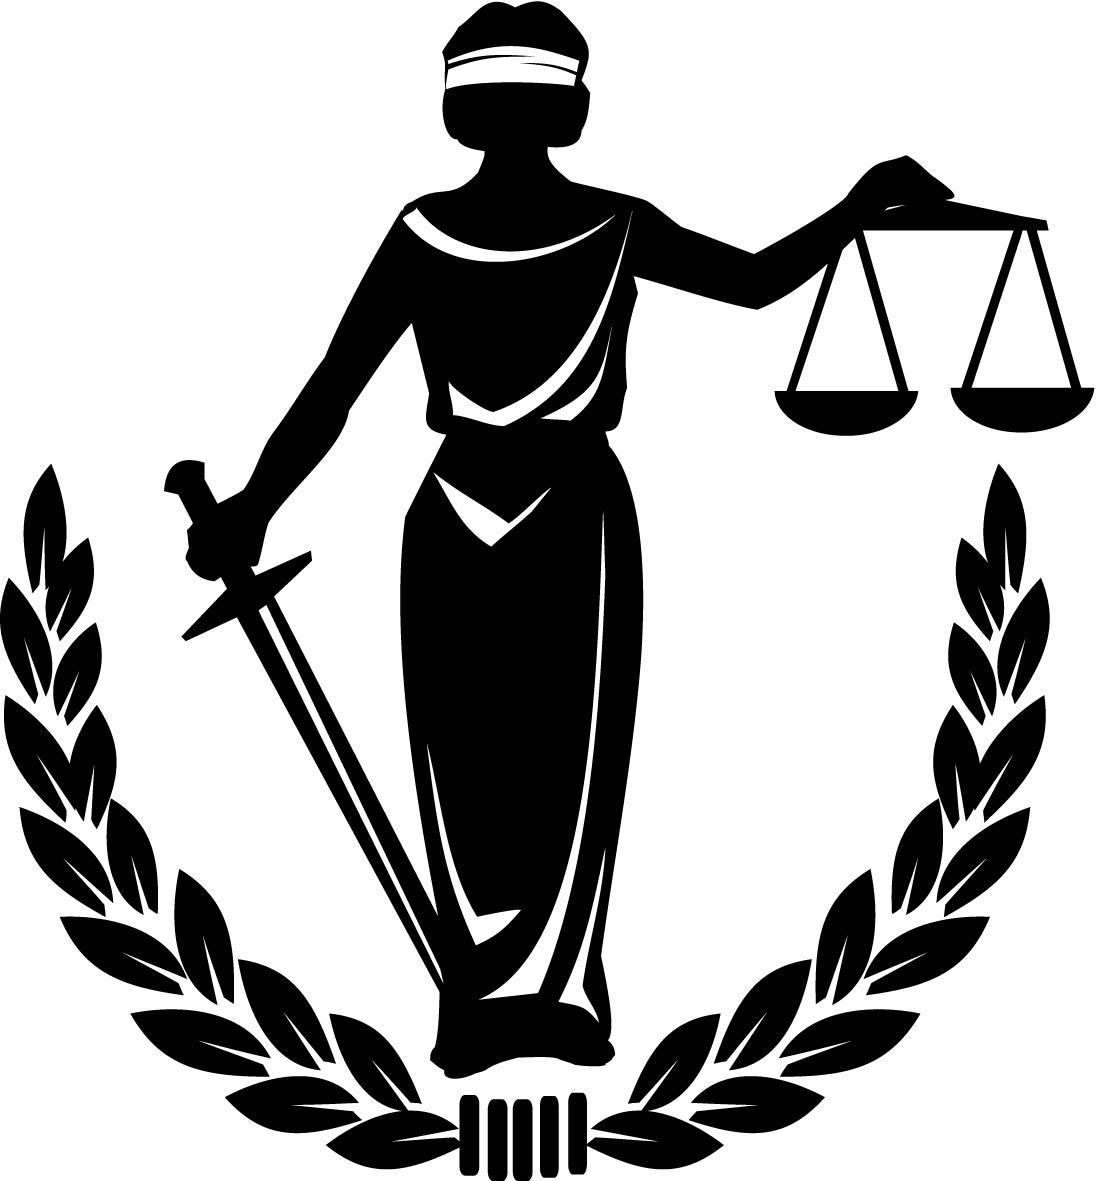 Οὐδεμία ἐμπιστοσύνη στὴν δικαιοσύνη.